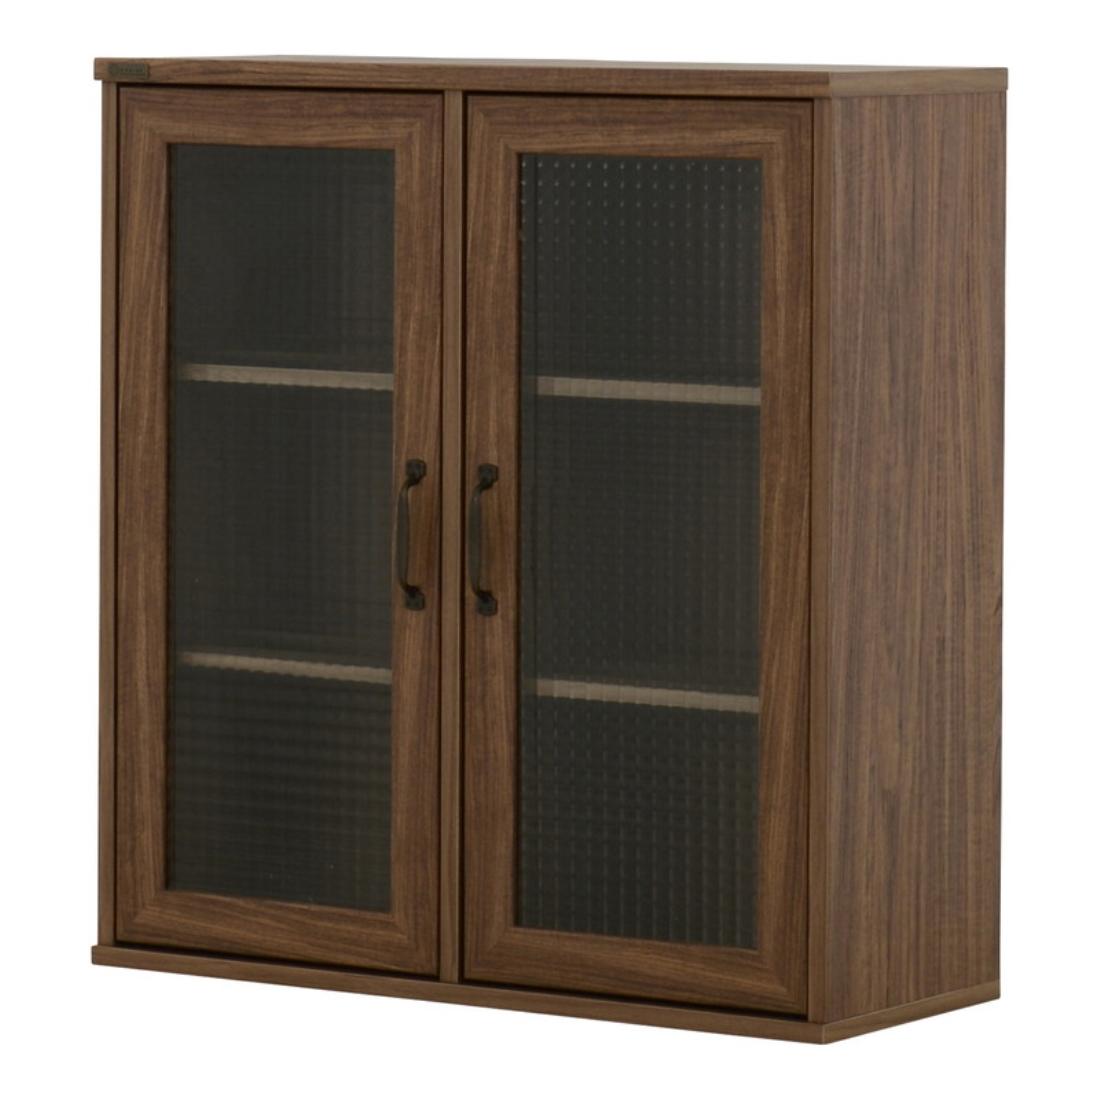 送料無料 オシャレ 家具 飾り 収納 棚 NEFLAS(ネフラス)ガラスキャビネット(75cm幅)WH/BR オシャレ